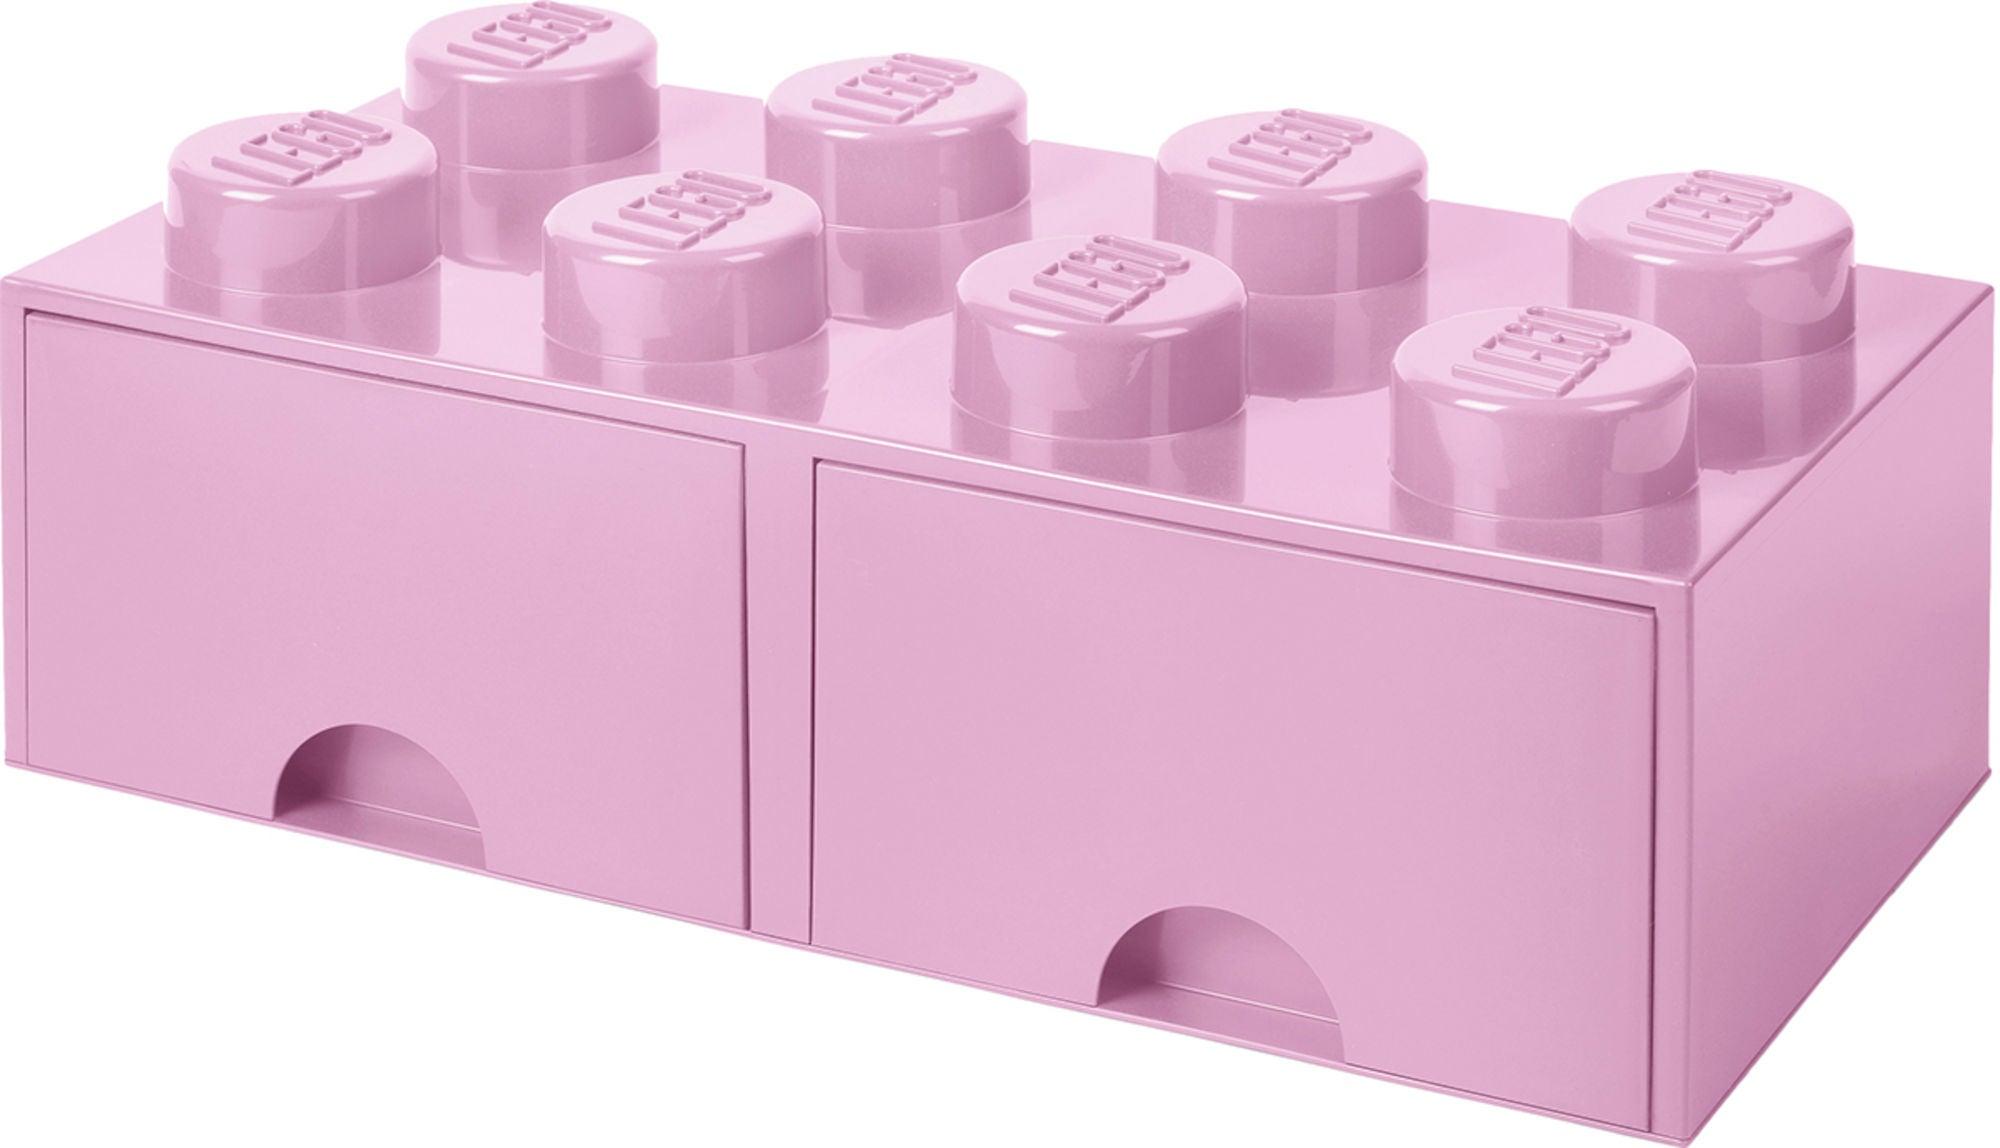 LEGO Förvaring med låda 8, Rosa